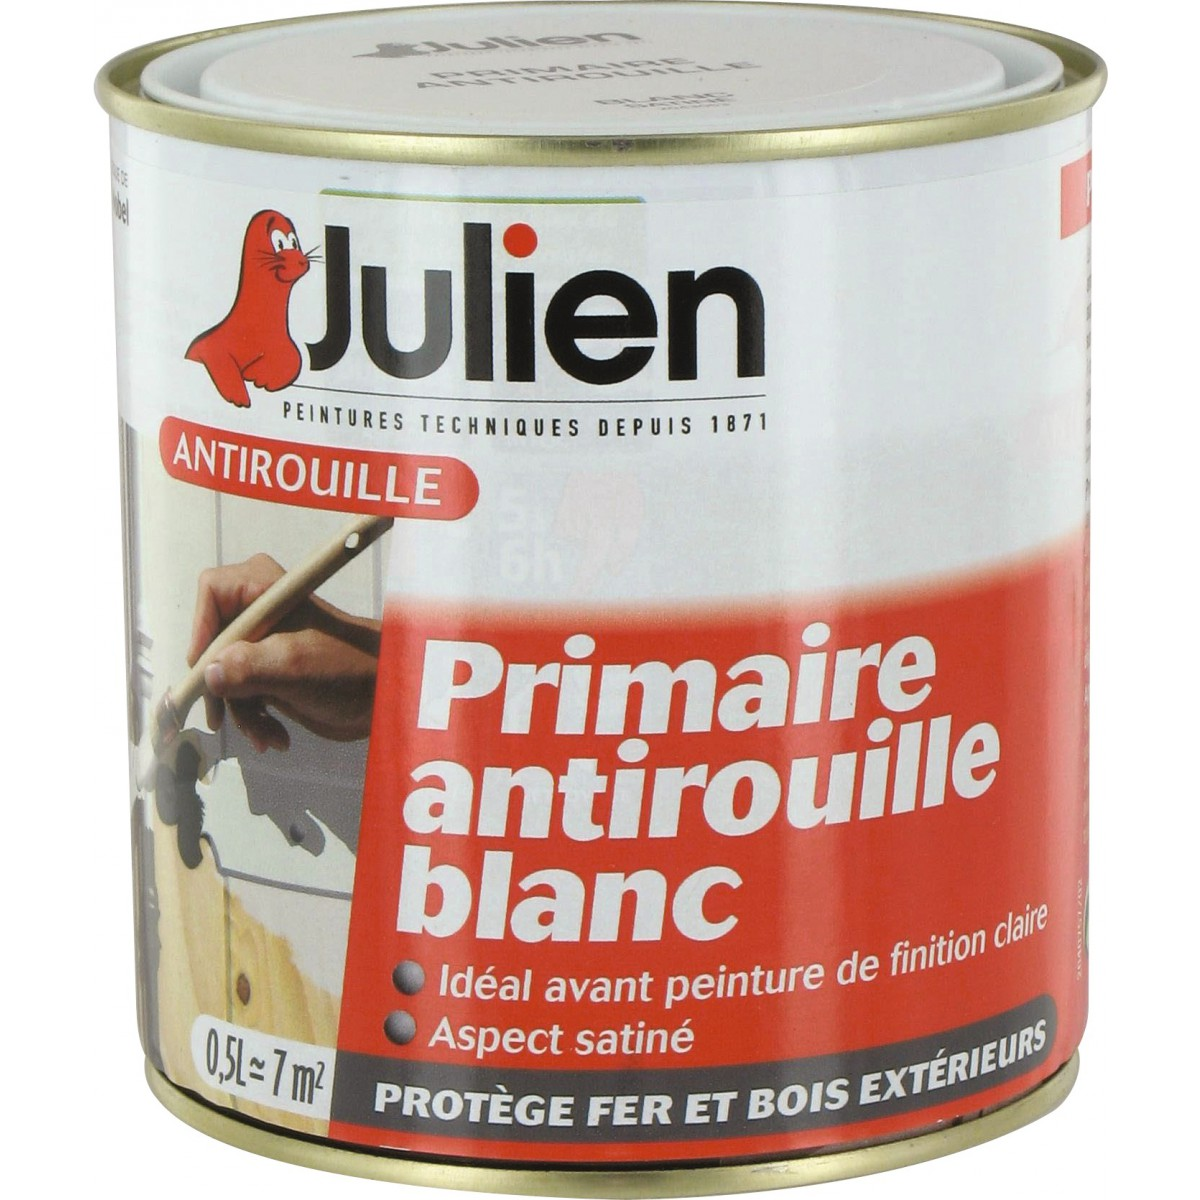 Antirouille blanc Julien - Boîte 500 ml